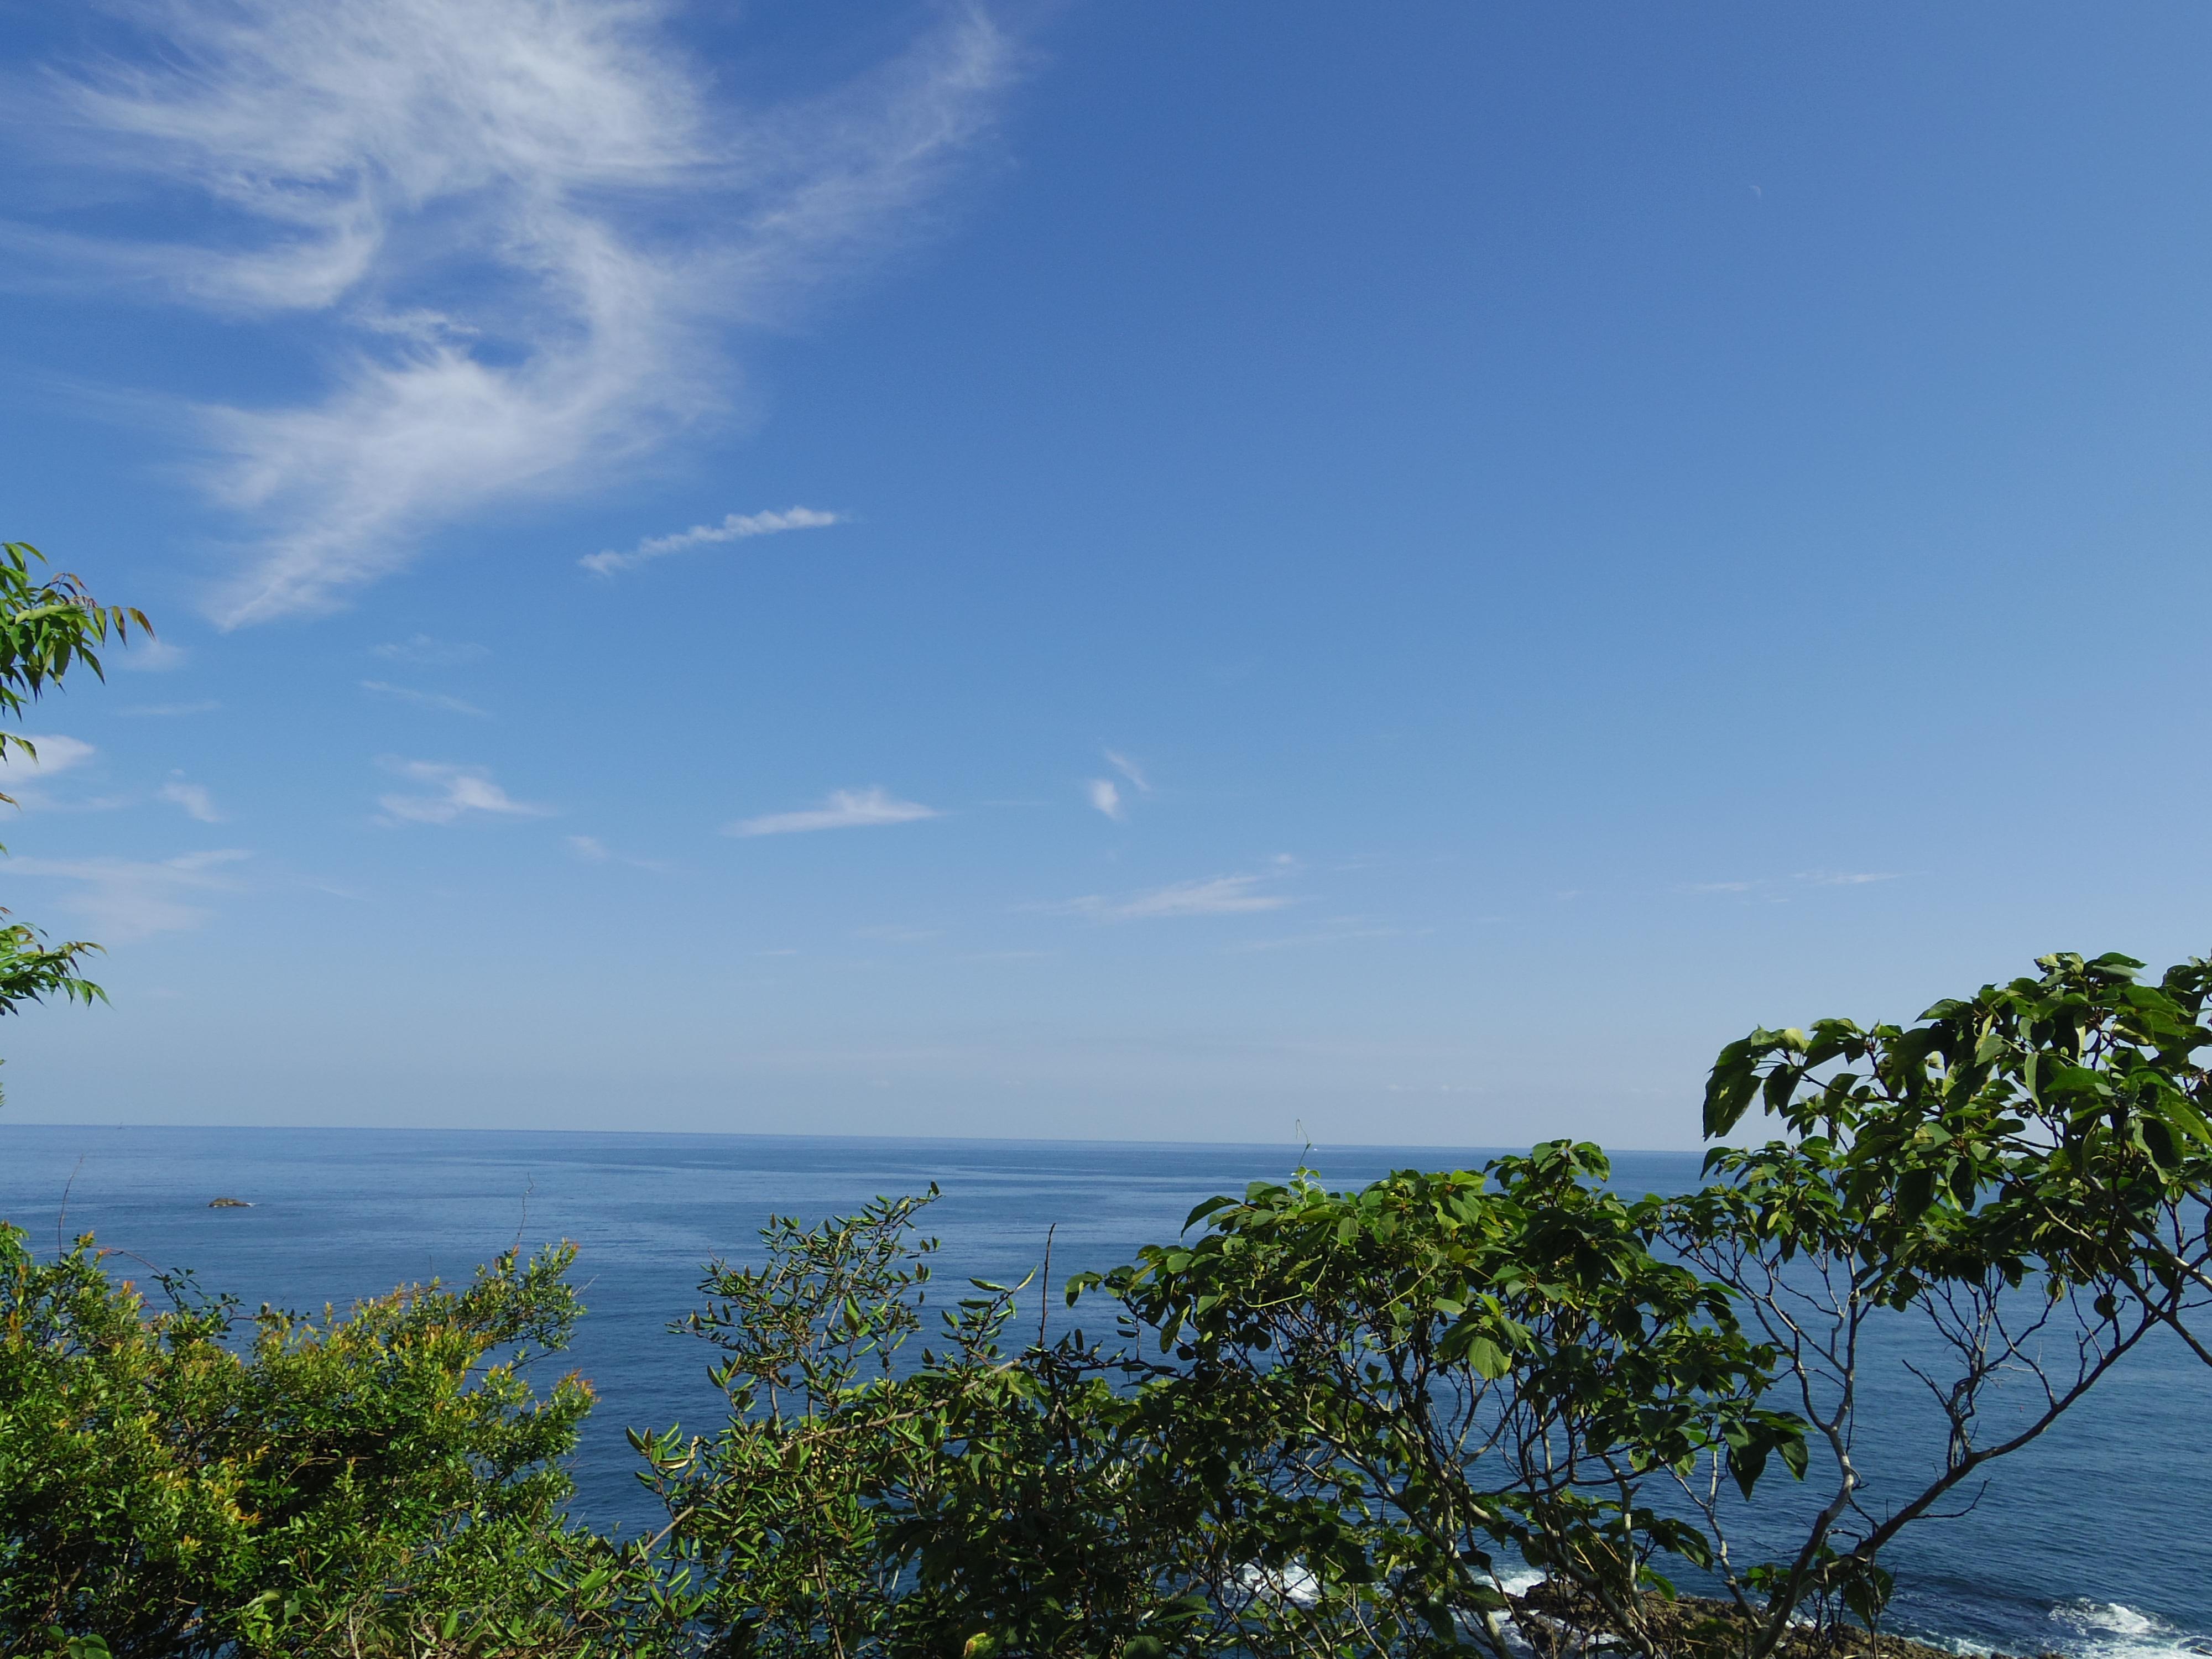 双名島 灯台 景色 中土佐町